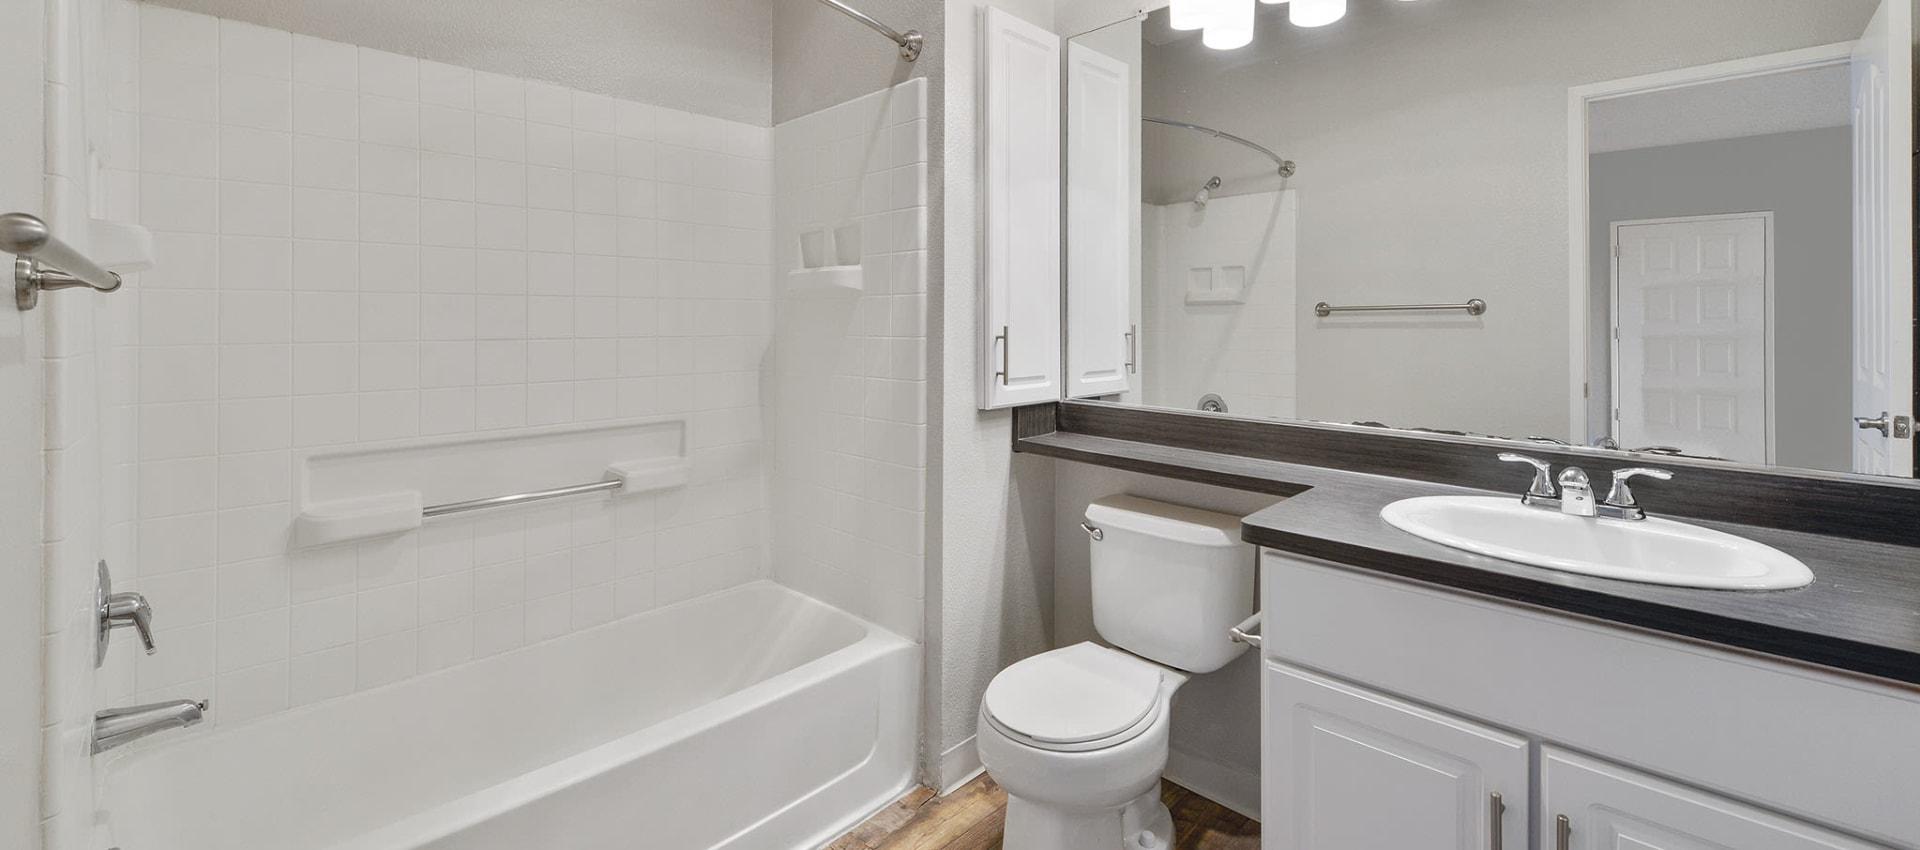 Spacious Bathroom at Rosewalk at San Jose